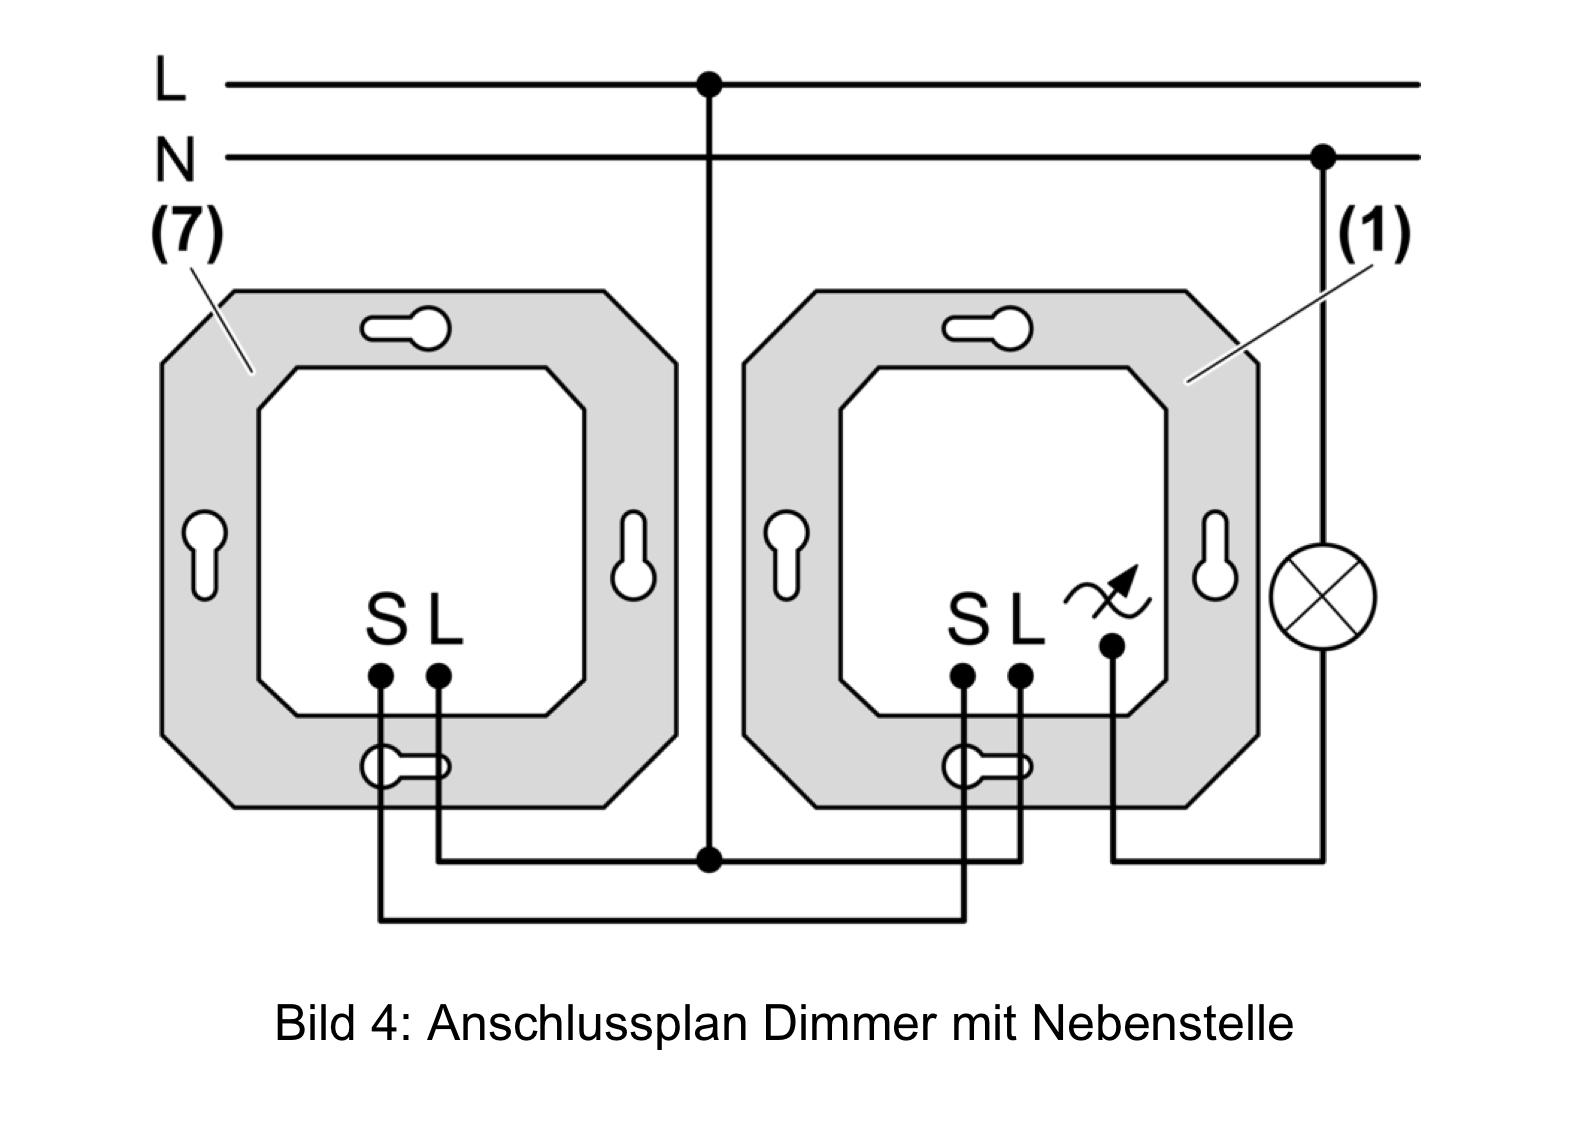 Fantastisch Verkabelung Eines 3 Wege Dimmer Schaltdiagramms Galerie ...